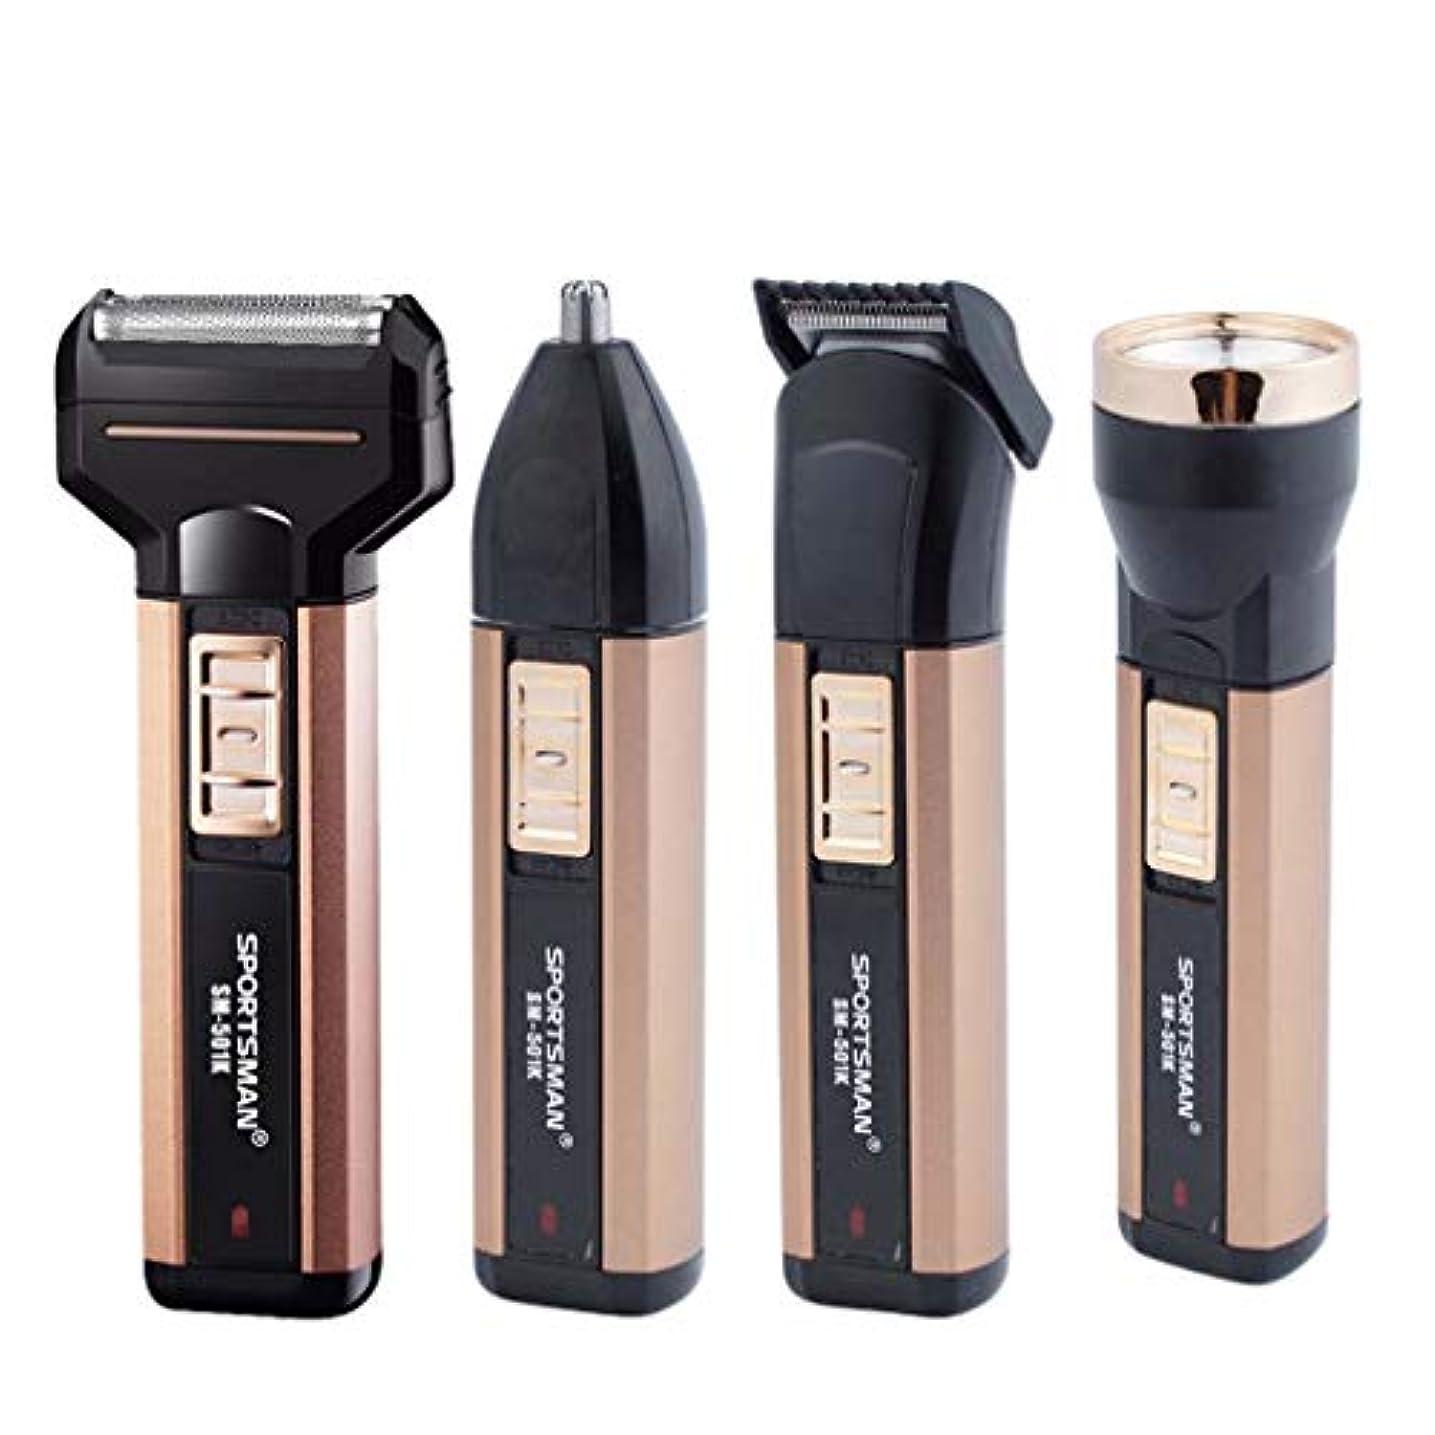 祝う懲戒トリム男性コードレス口ひげトリマーヘアートリマープレシジョントリマー鼻毛トリマー防水USB充電式のためのトリマー